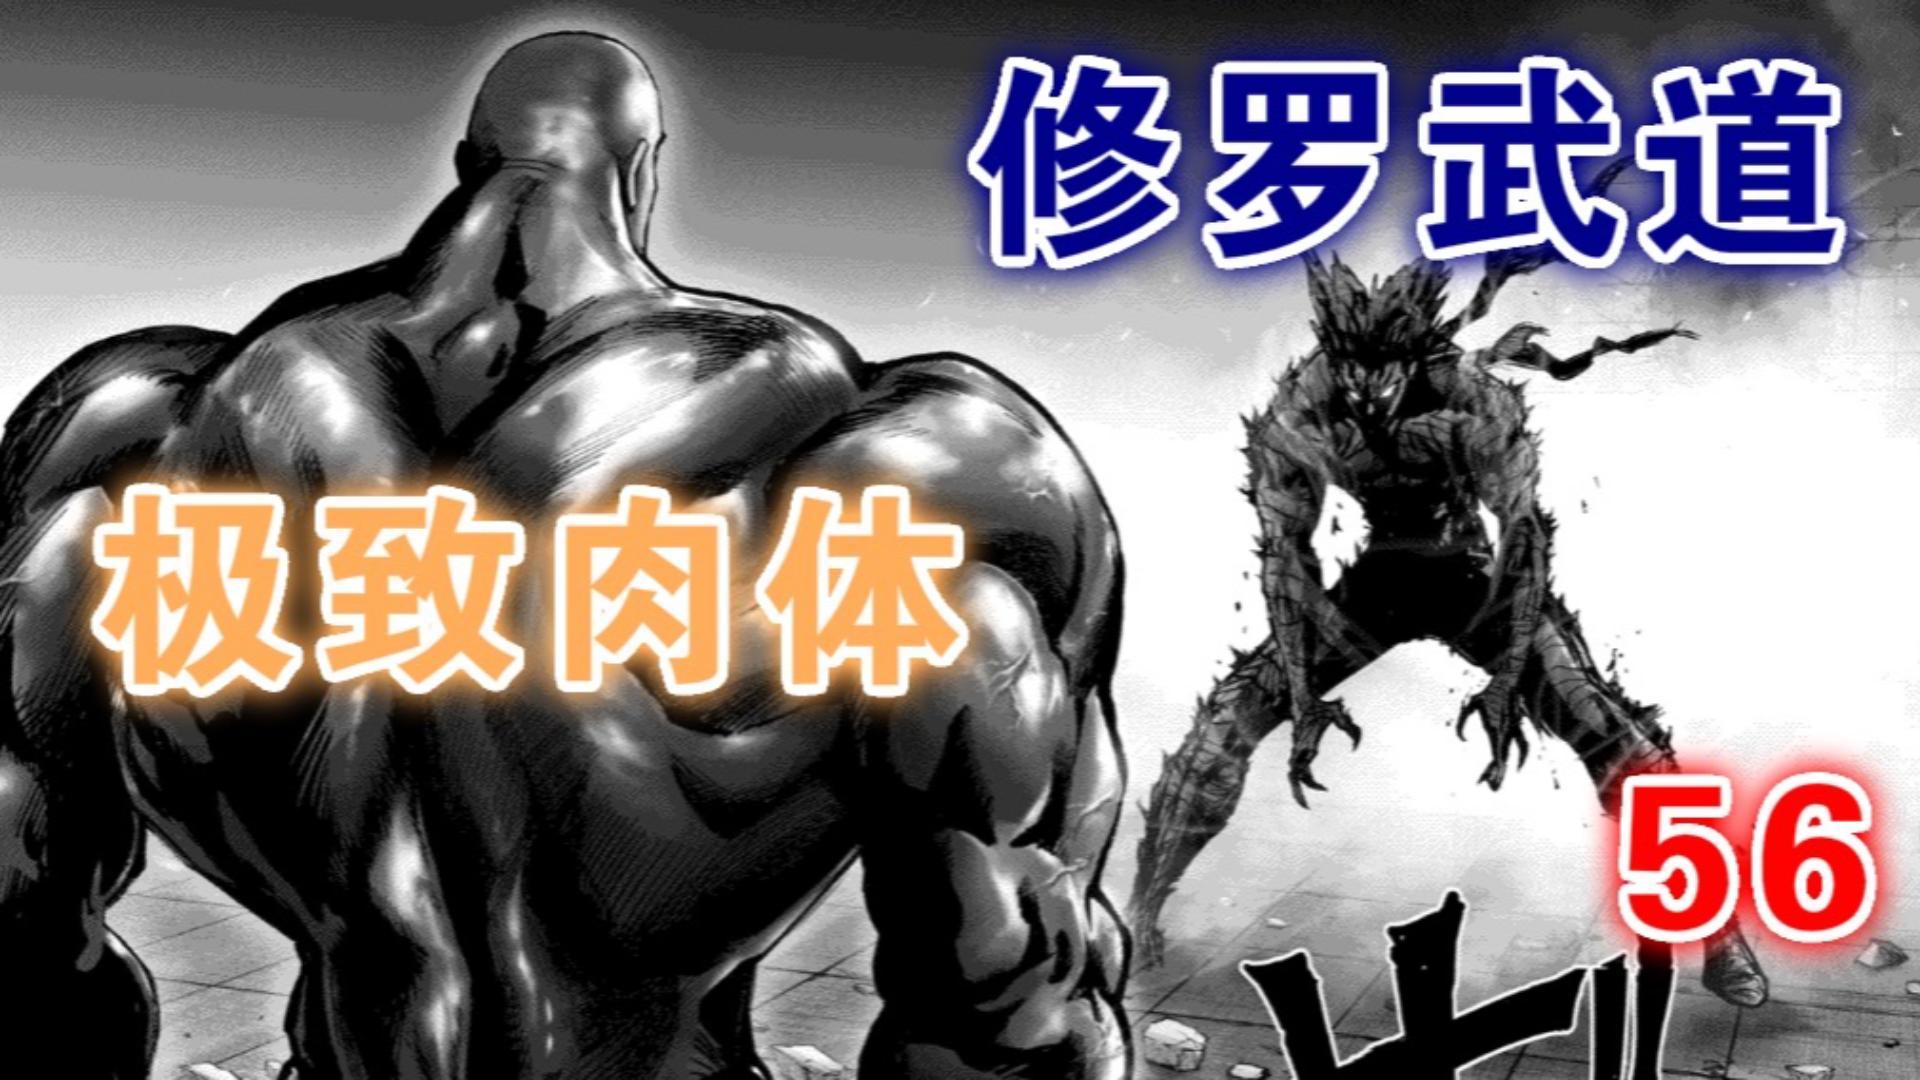 《一拳超人》第三季31:饿狼脱困,武道和肉体,哪个更强?